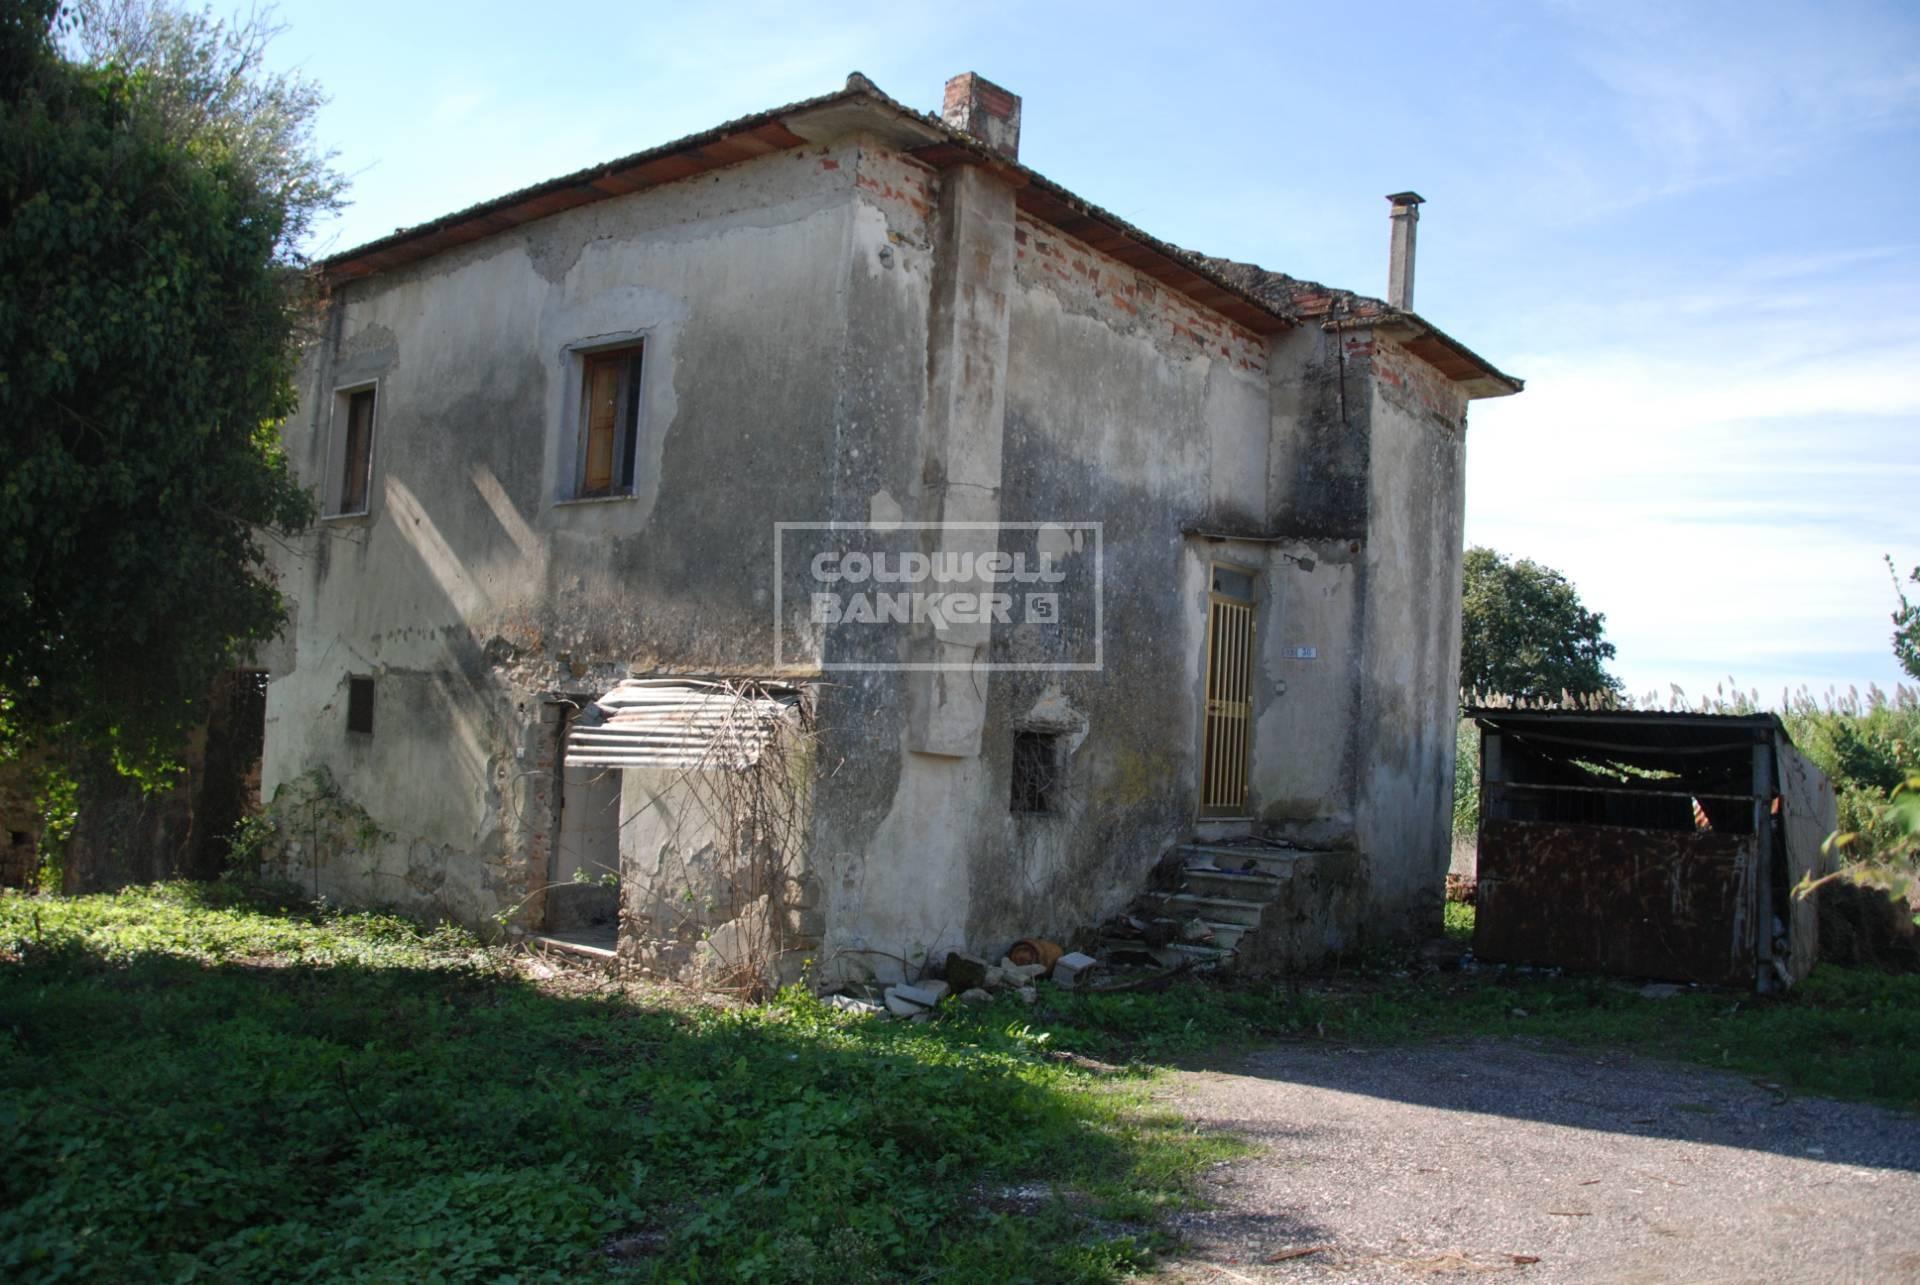 Appartamento in vendita a Casal Velino, 3 locali, prezzo € 75.000 | PortaleAgenzieImmobiliari.it